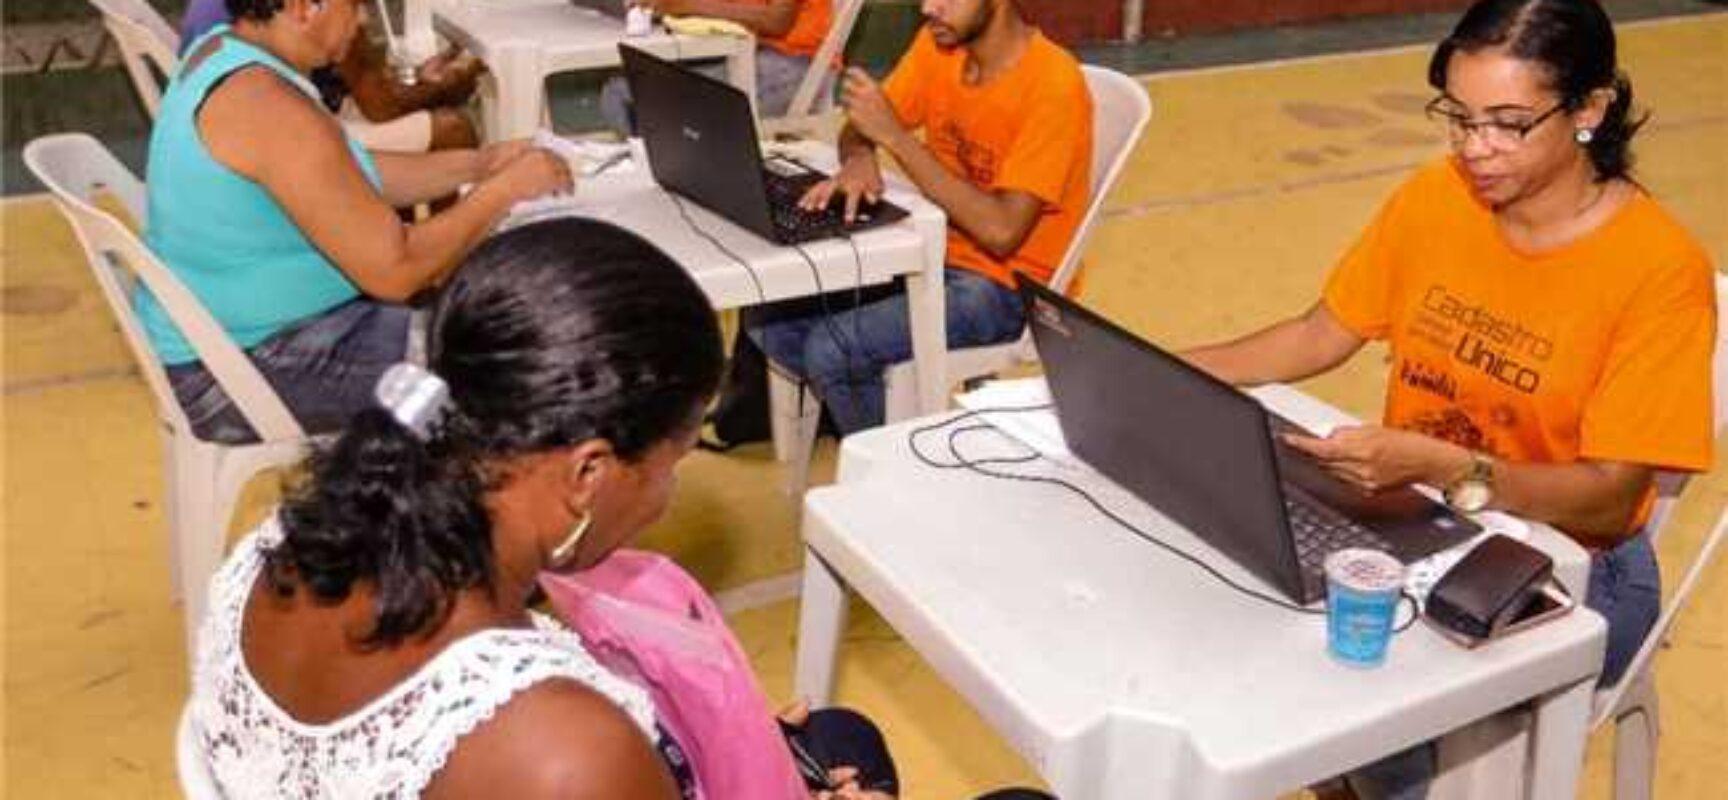 Prefeitura de Ilhéus leva Mutirão Social às comunidades de Coutos e Santo Antônio nesta quinta (26)